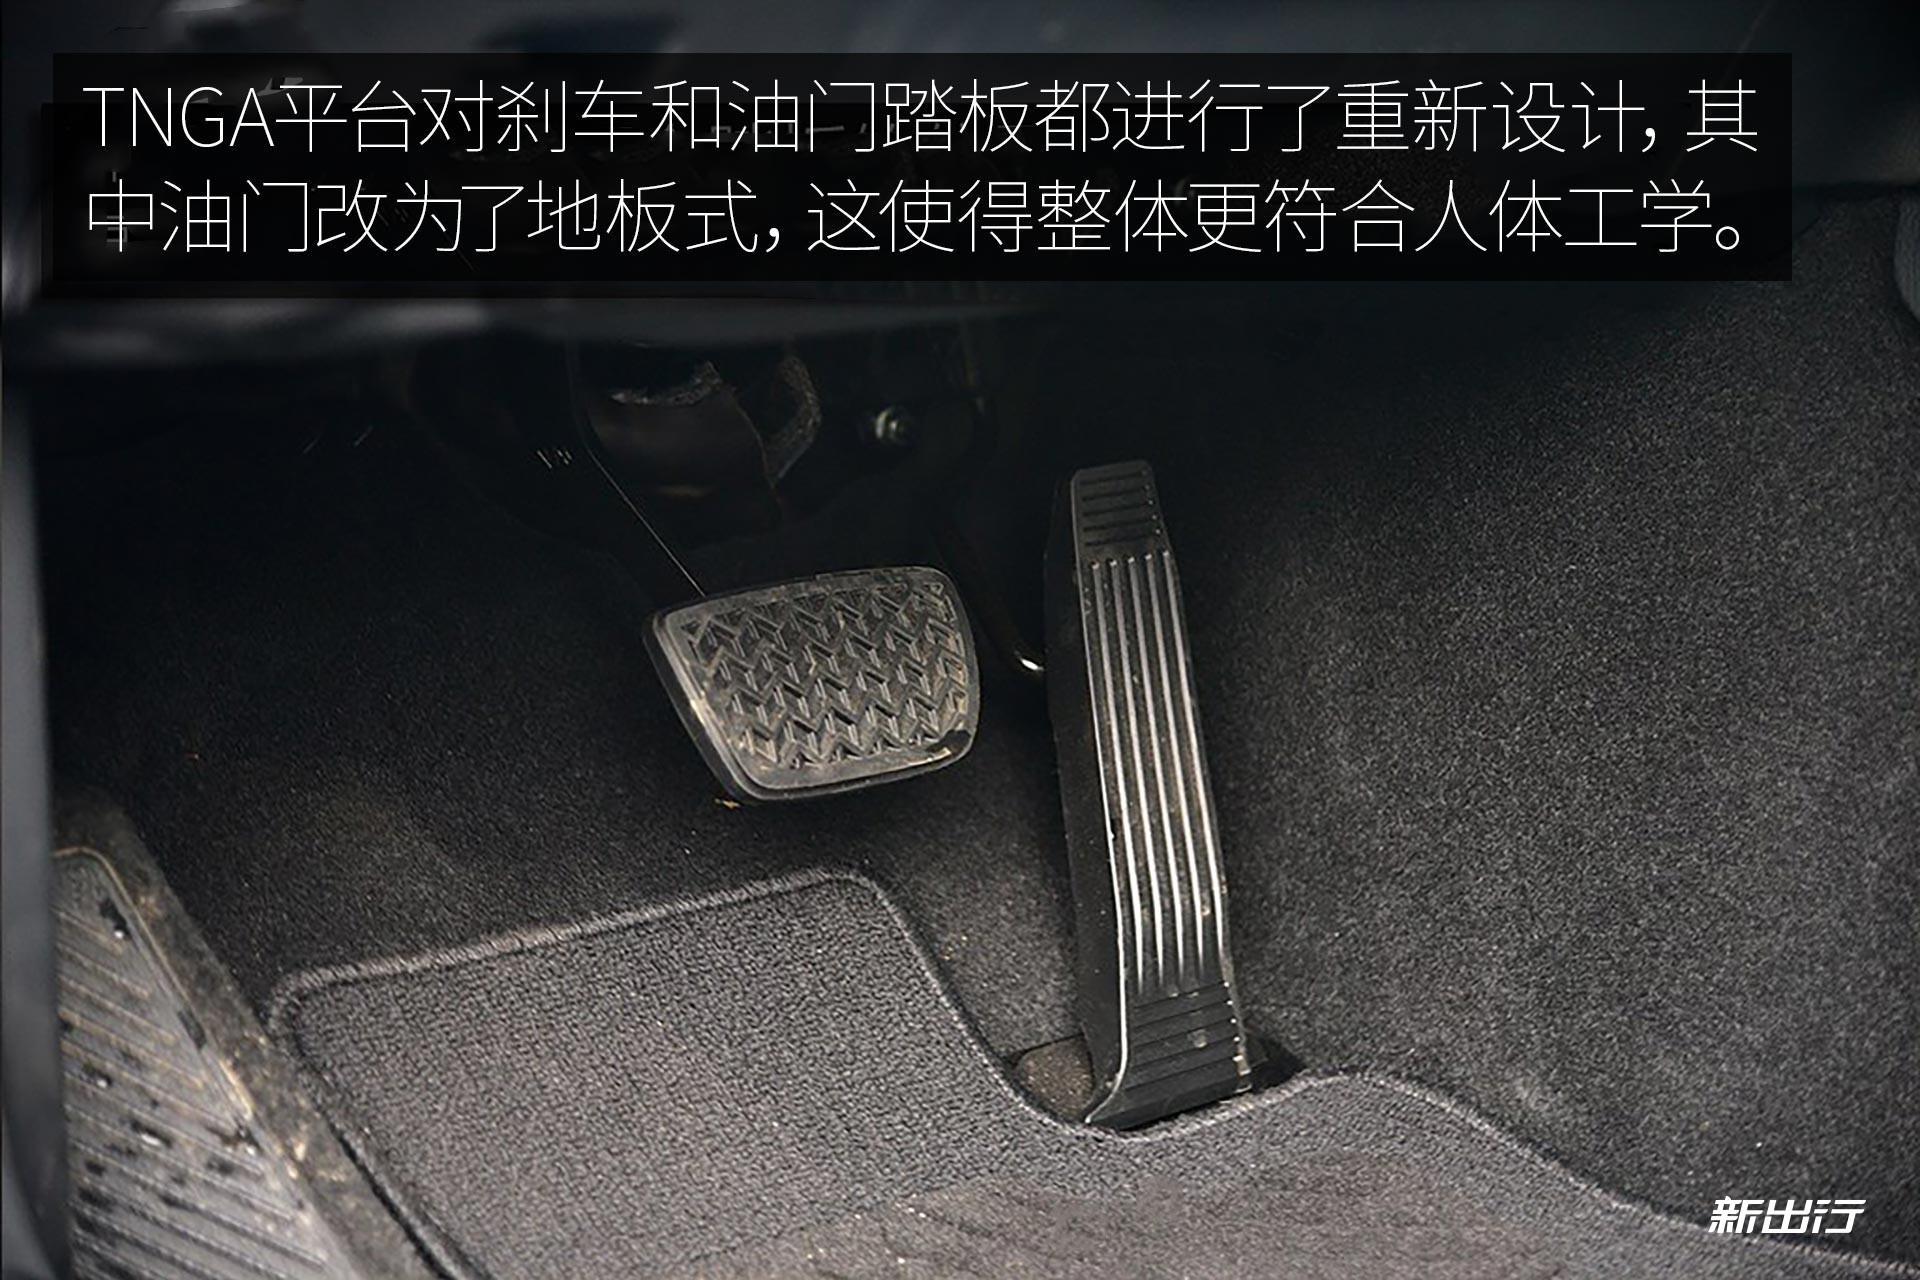 新一代凯美瑞混动版依旧保留了现款双擎上的 eco,normal 和 ev 这三种